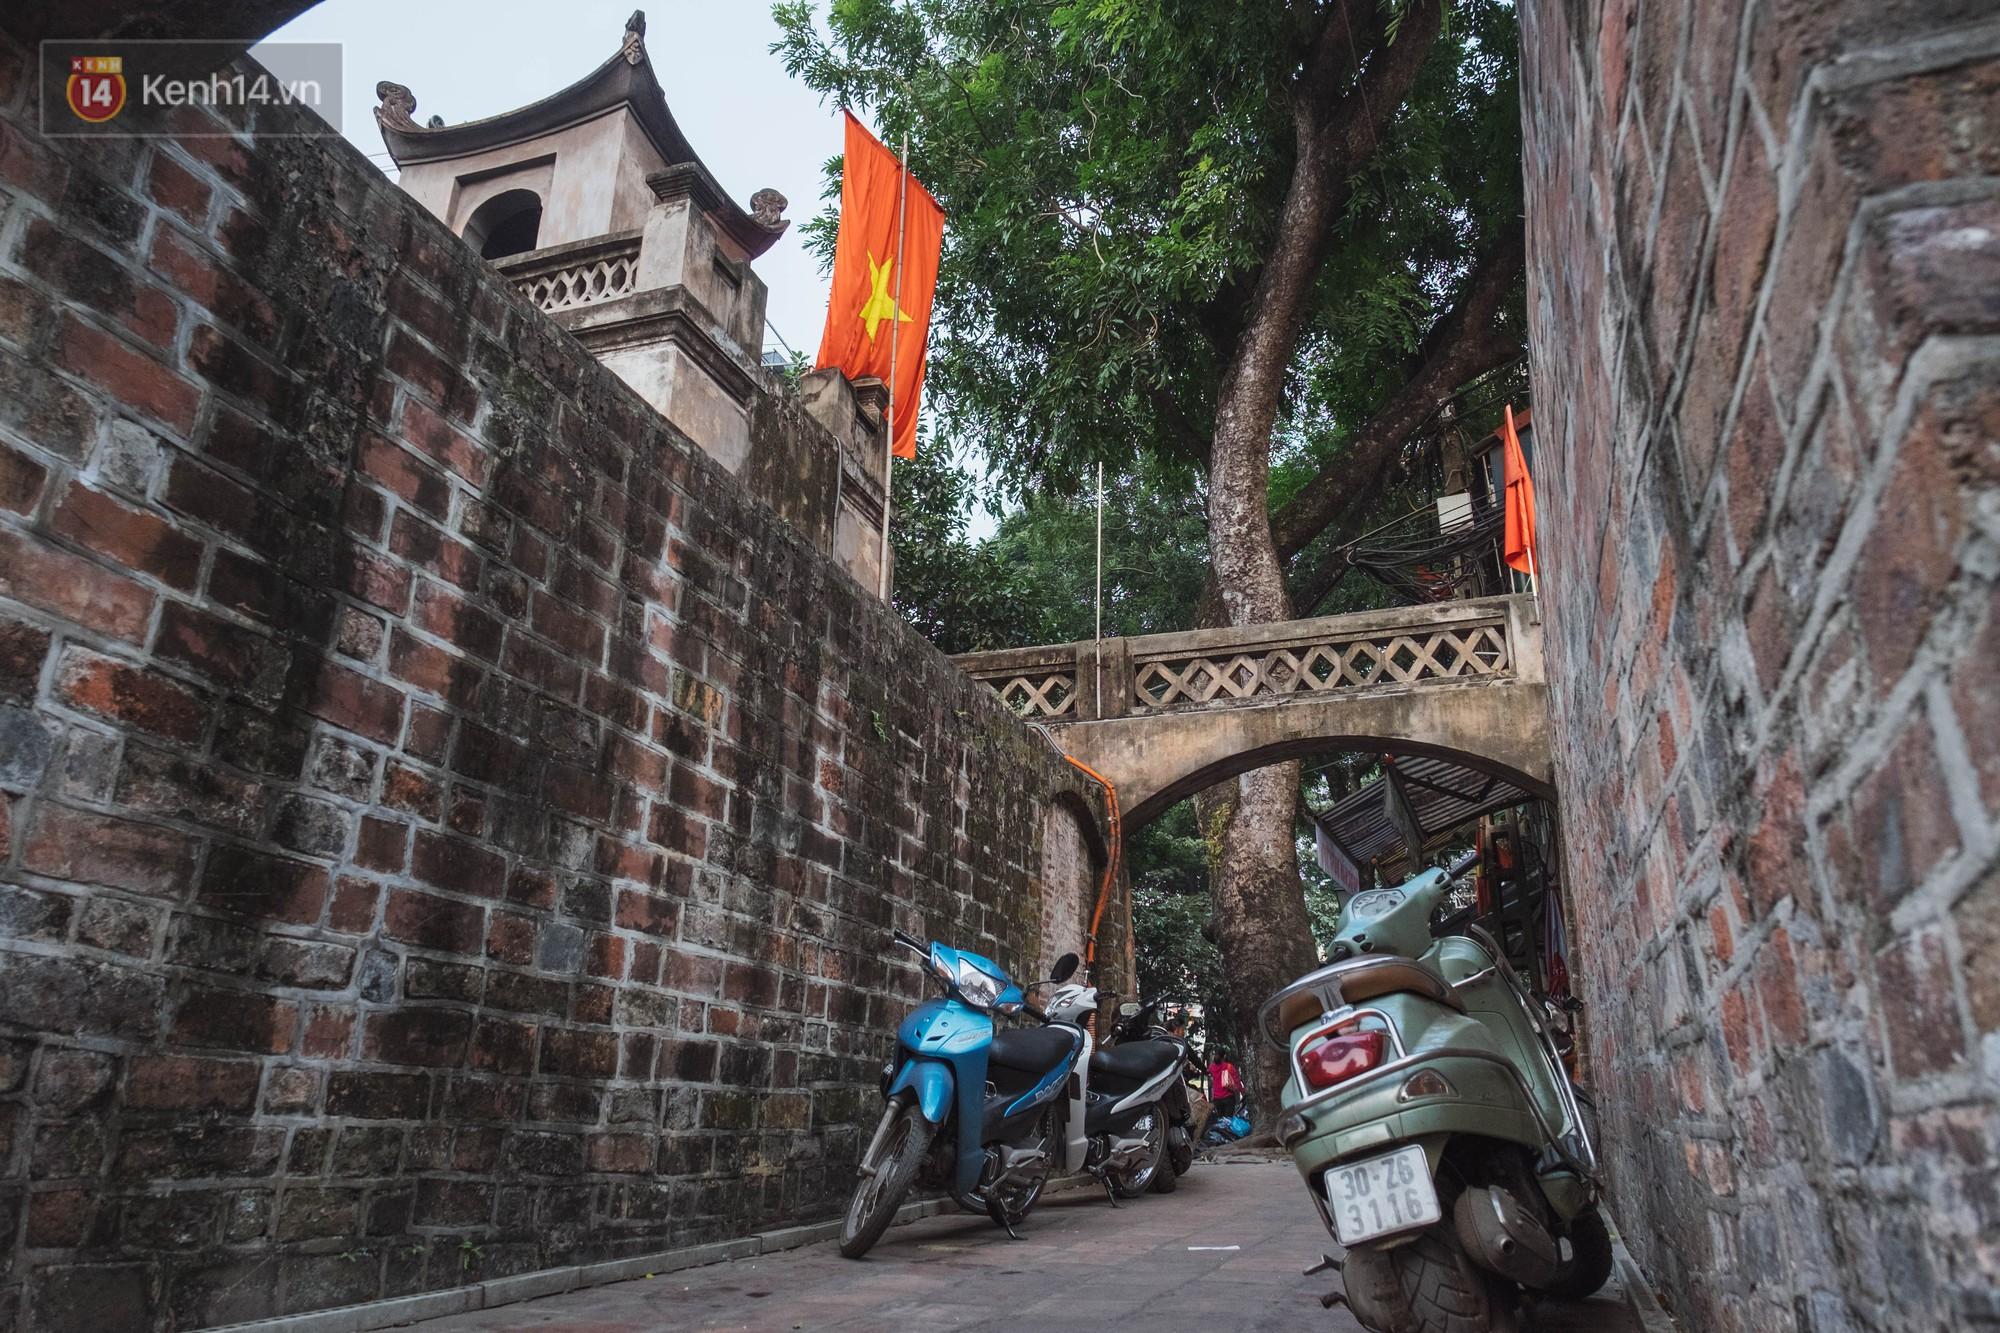 Chuyện người đàn ông ở Hà Nội 20 năm canh giữ cửa ô duy nhất còn lại của kinh thành Thăng Long xưa 7